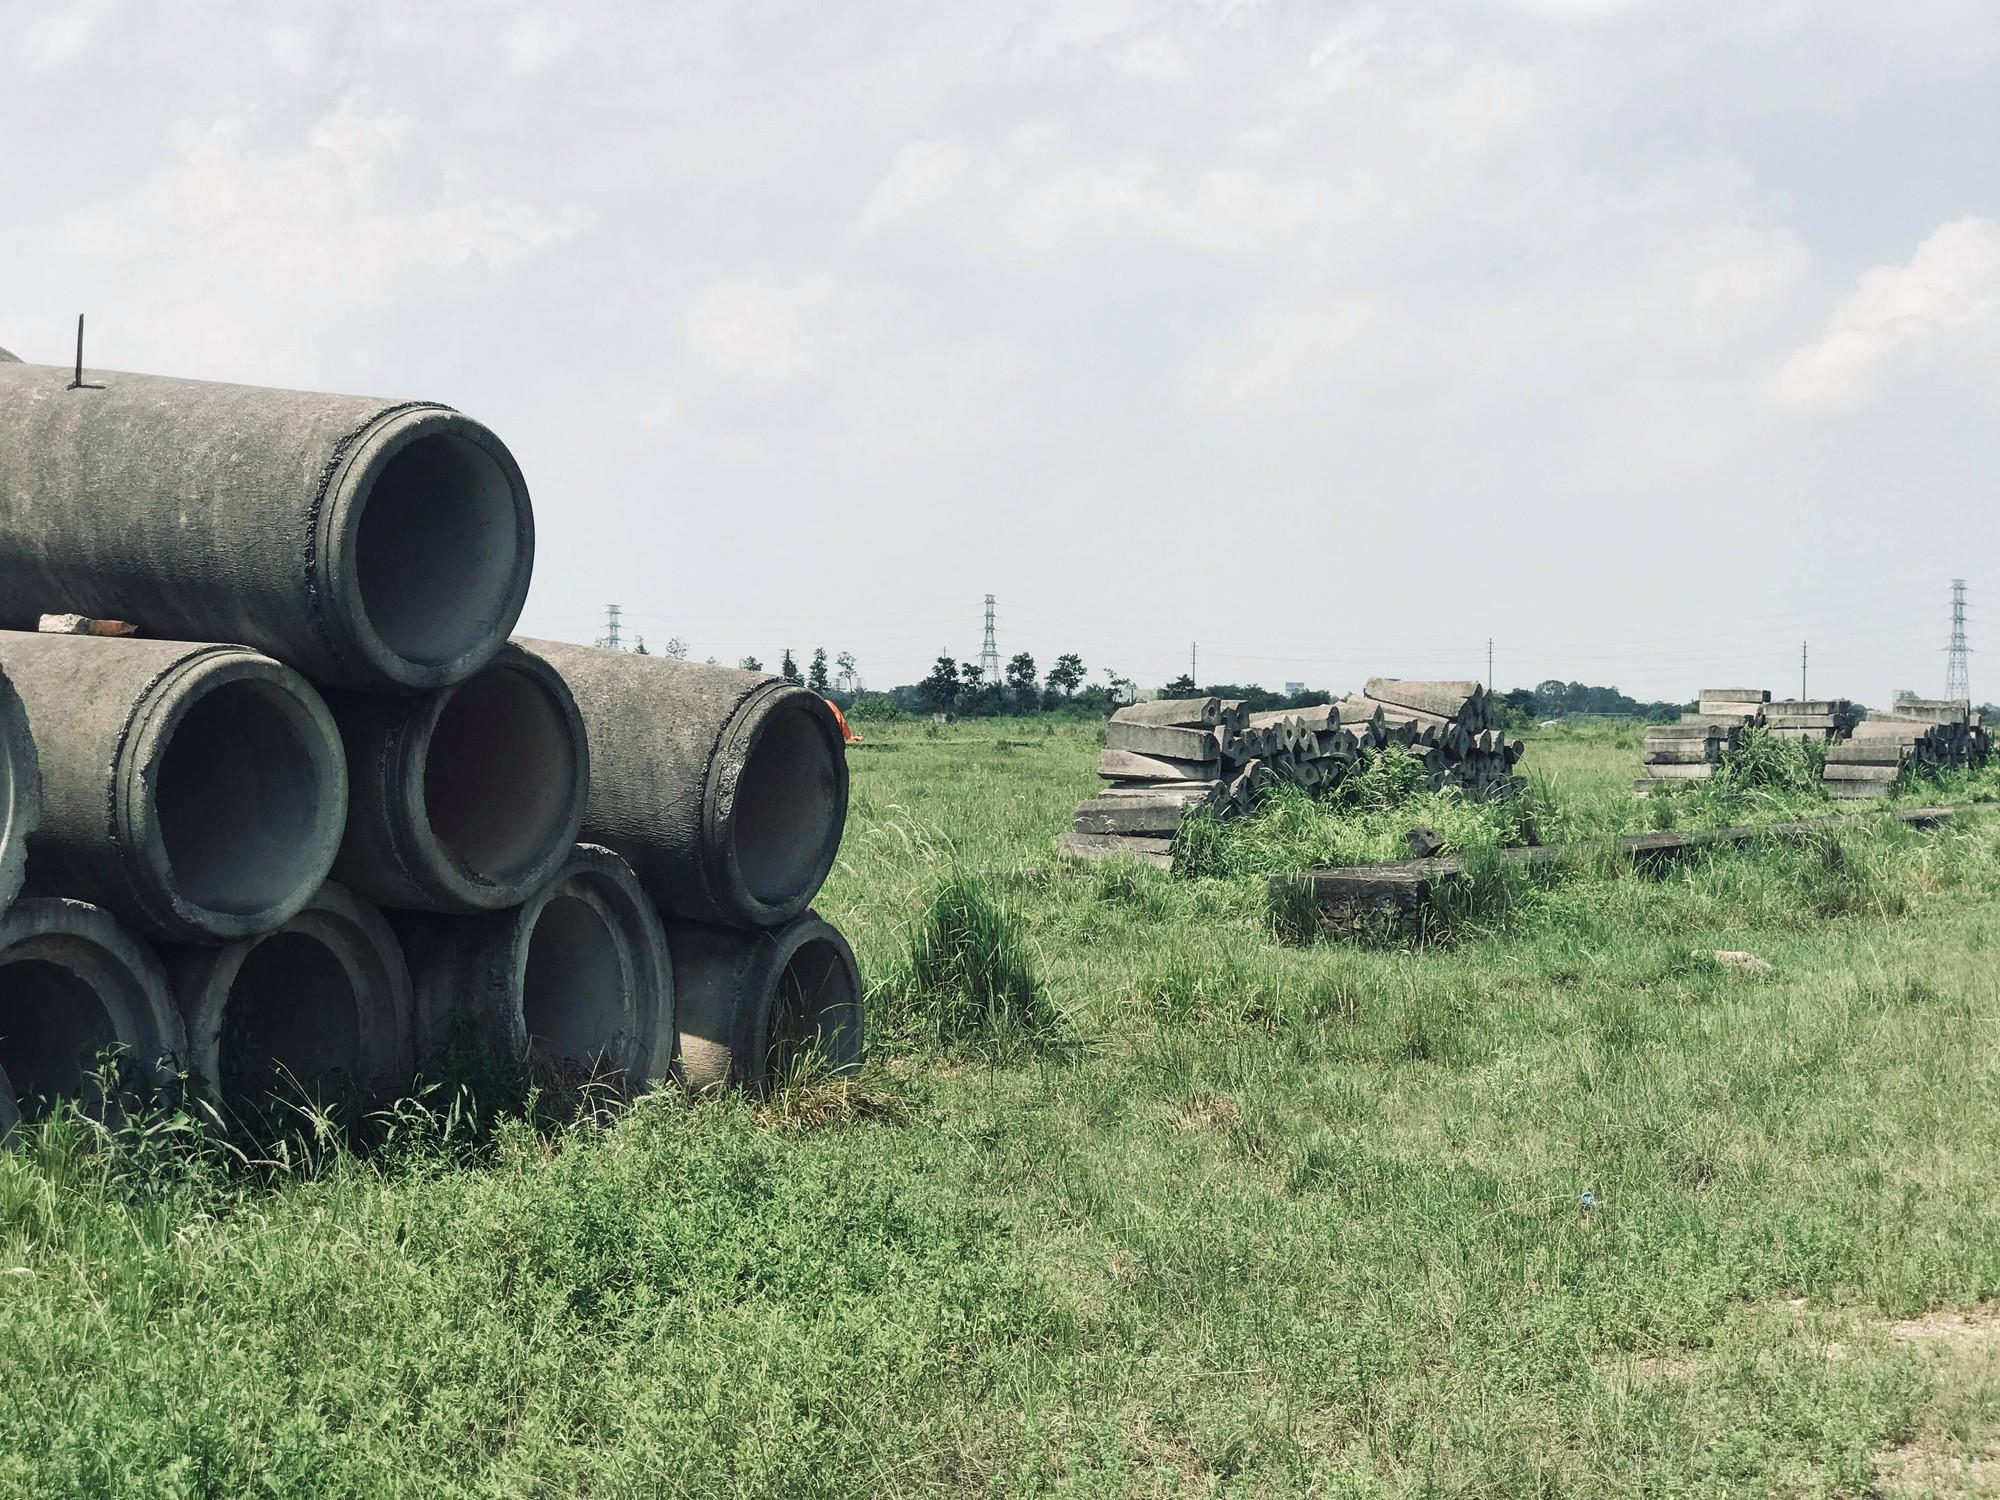 Hàng nghìn tỉ đồng bị chôn vùi tại khu đô thị bỏ hoang Minh Giang Đầm Và - Ảnh 18.